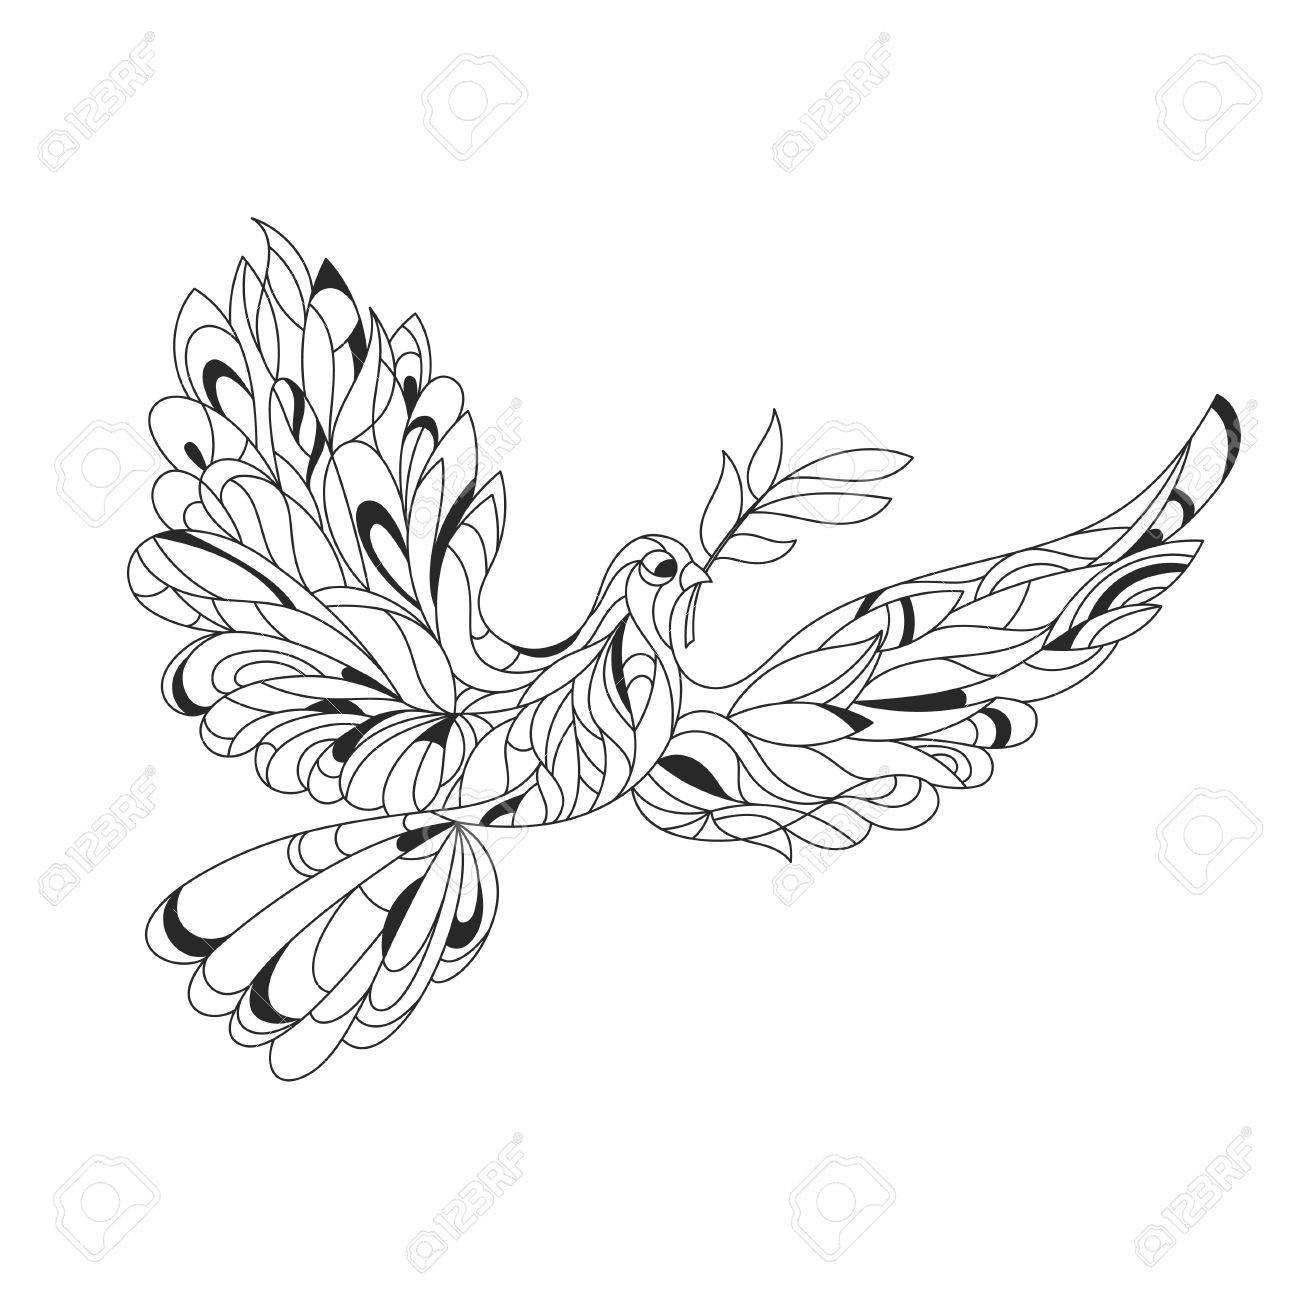 1300x1300 Vector Monochrome Hand Drawn Zentagle Illustration Of Peace Dove